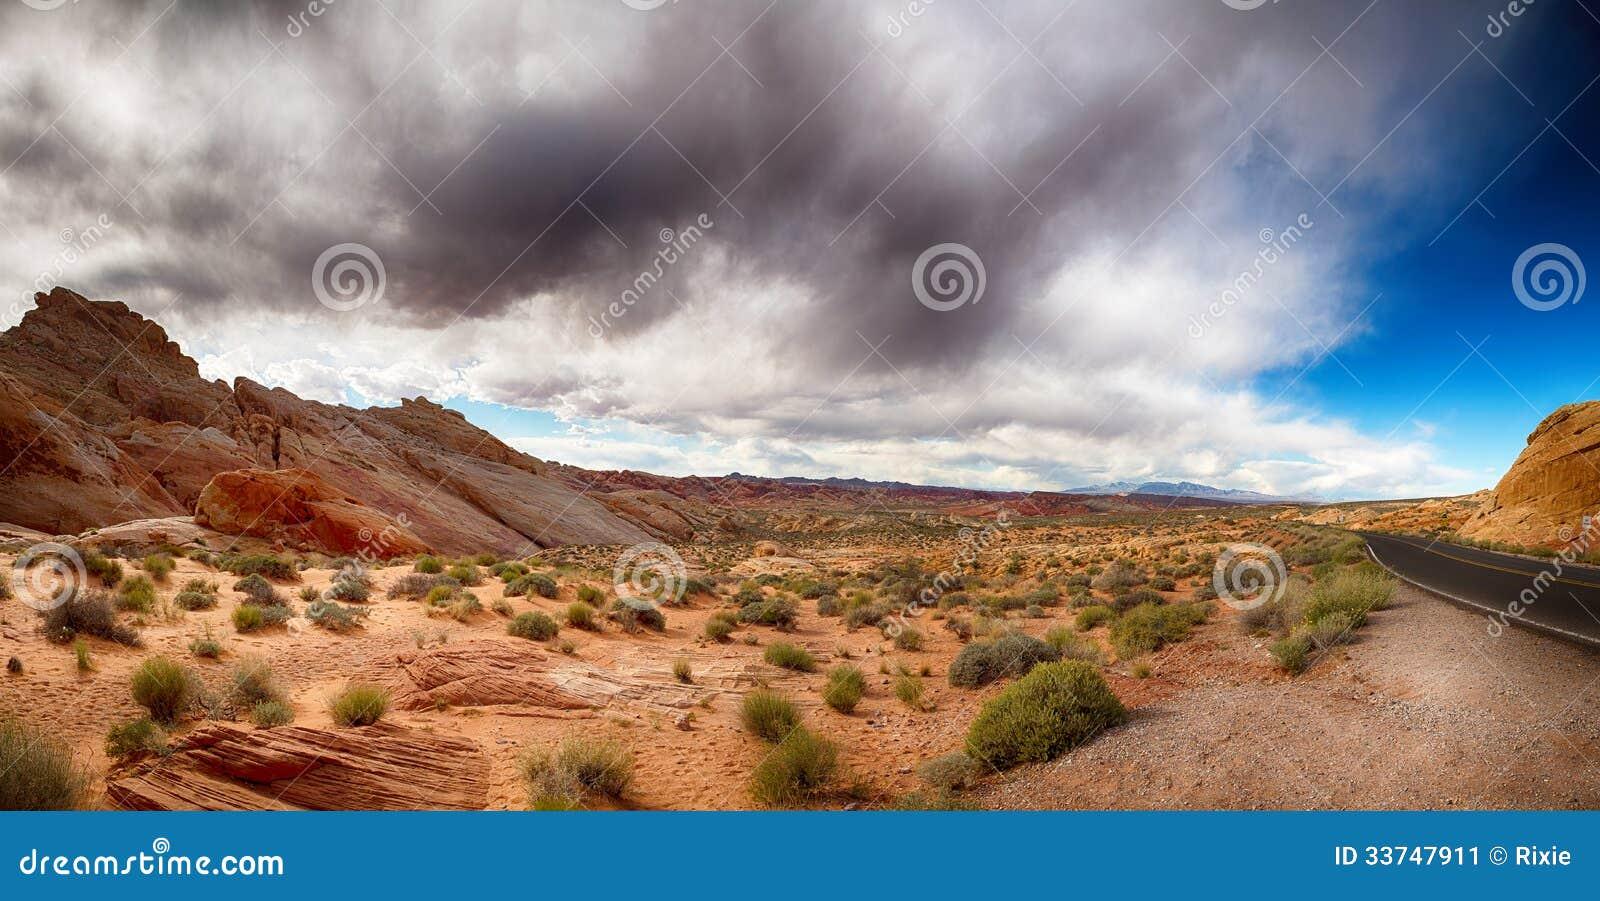 Долина огня с драматическим небом